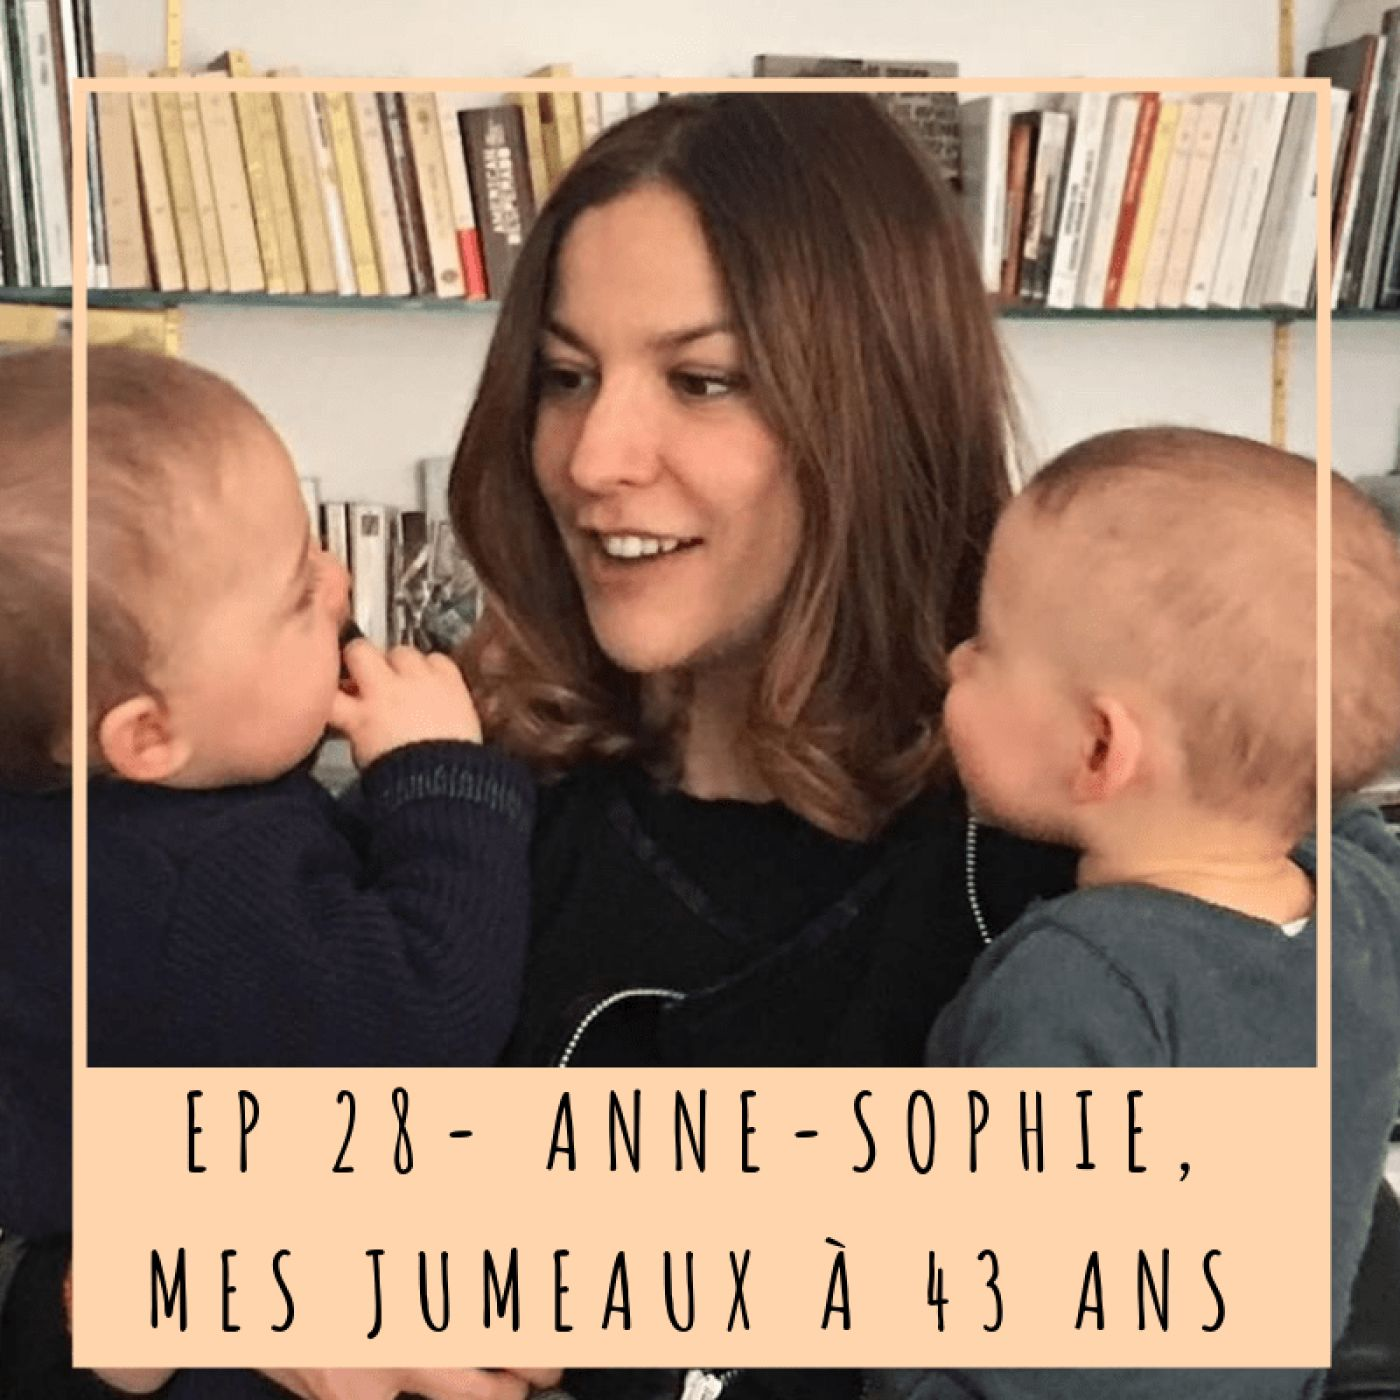 EP 28- ANNE-SOPHIE, MES JUMEAUX À 43 ANS